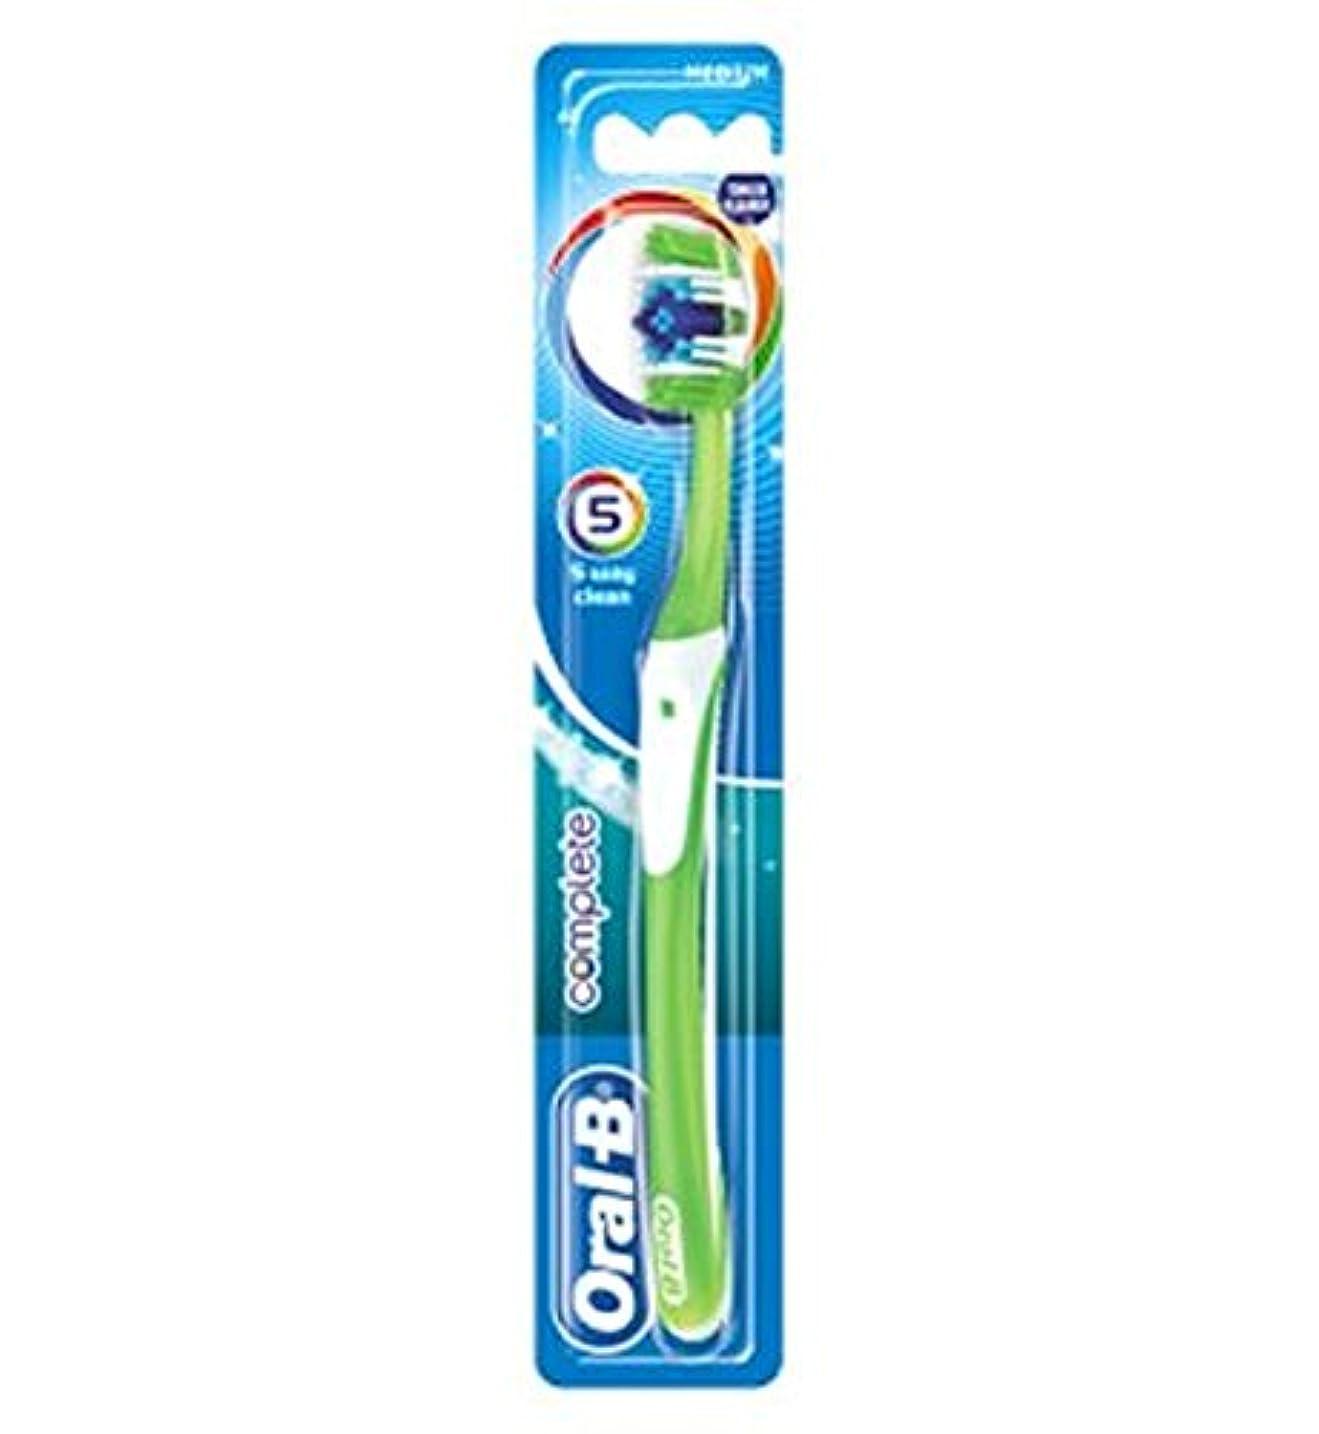 オーラルBの完全な5道クリーンなメディアの手動歯ブラシ (Oral B) (x2) - Oral-B Complete 5 Way Clean Medium Manual Toothbrush (Pack of 2) [並行輸入品]